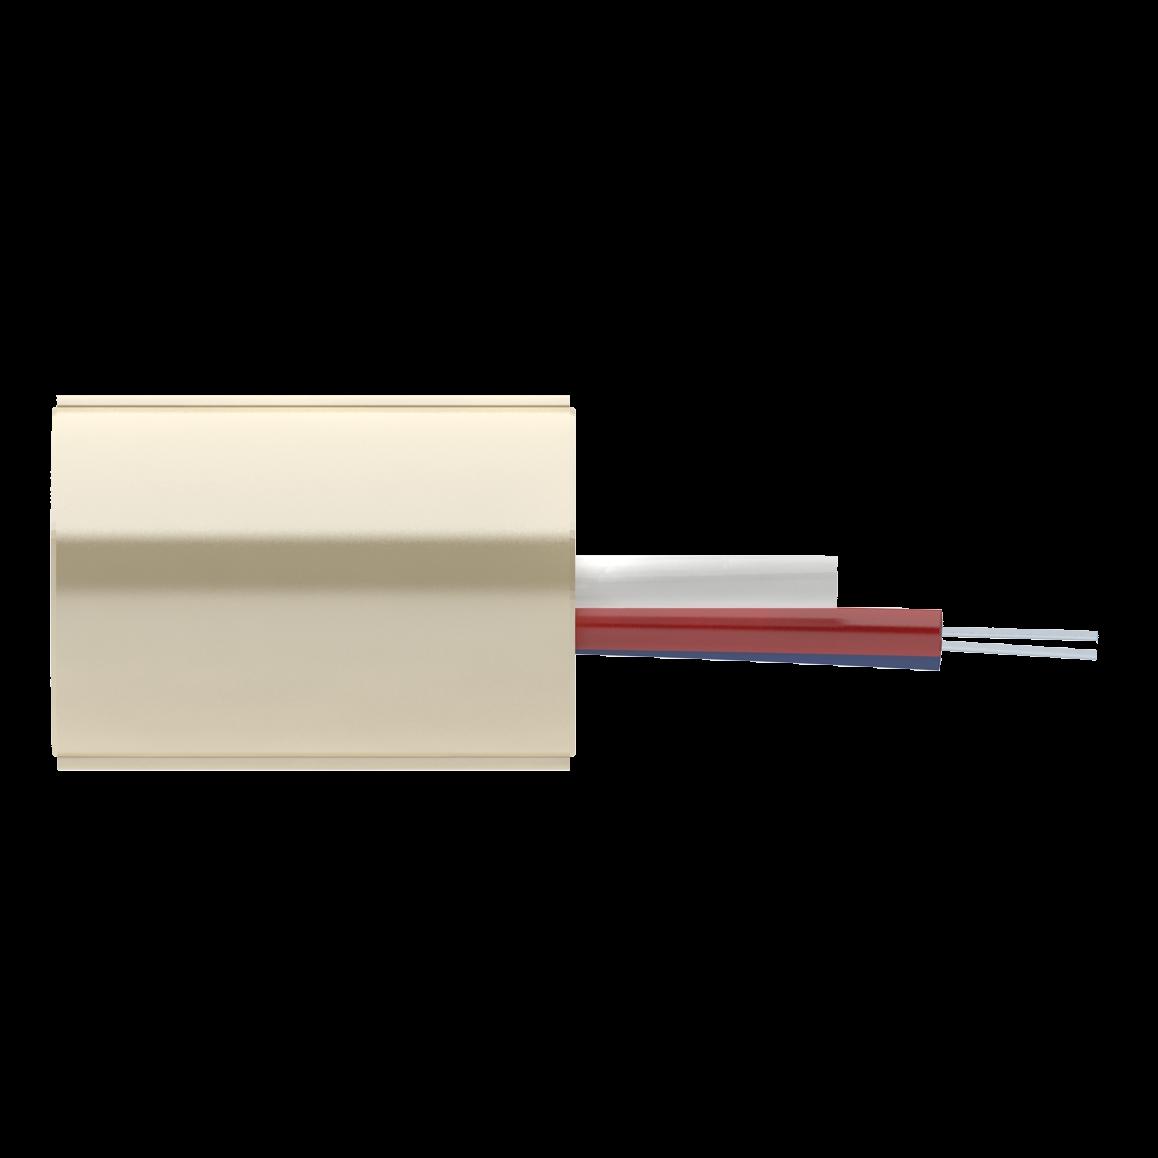 Кабель оптический Alpha Mile RISER, 02 волокна Corning Ultra G.652D, LSZH